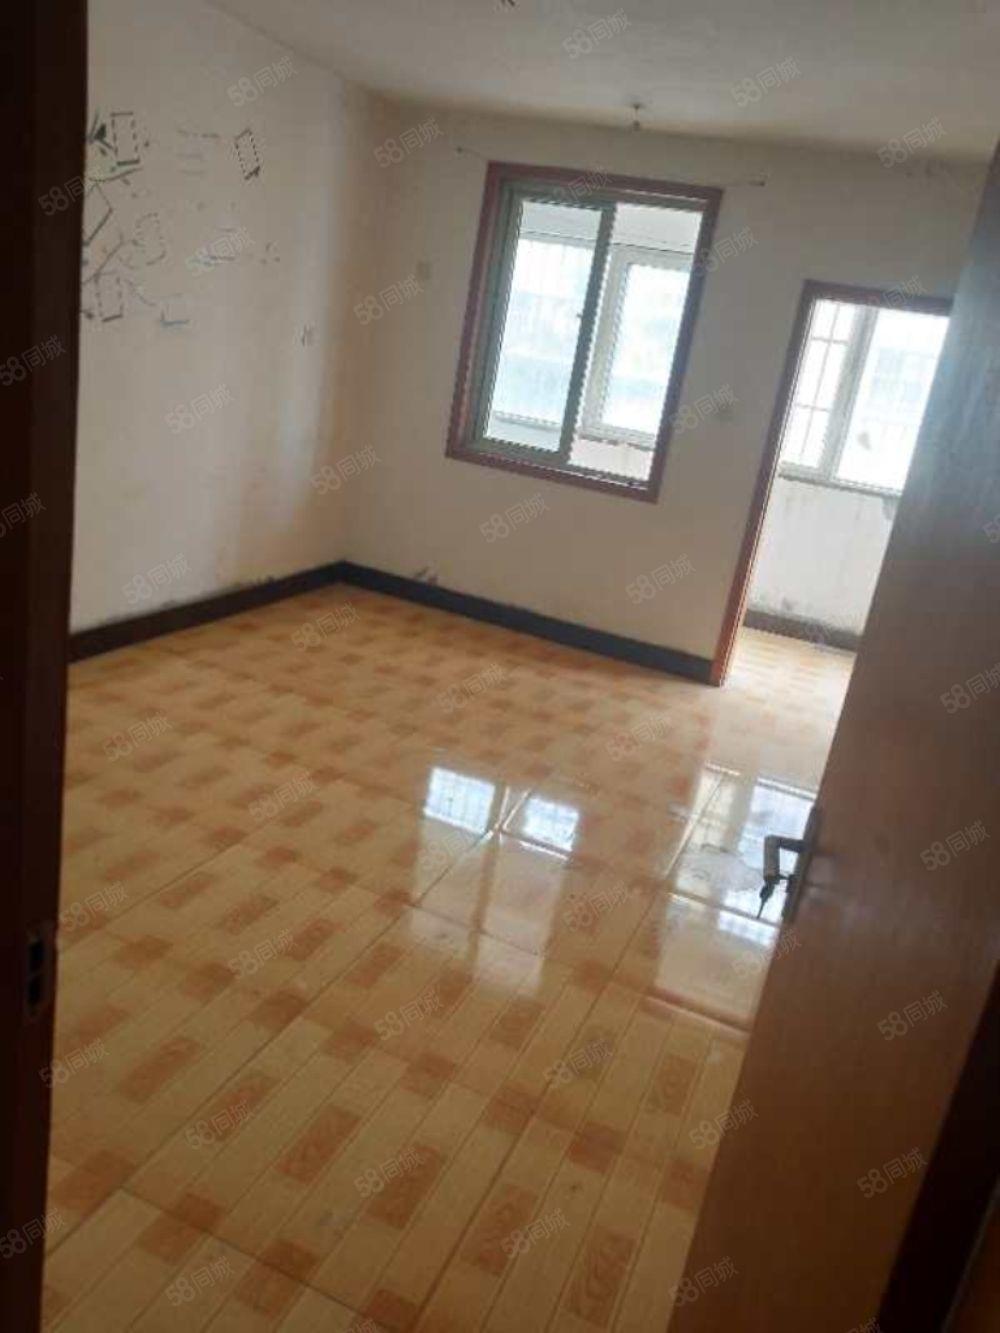 东方庄园三楼,简单装修,三室两厅一卫,32万,可过户按揭